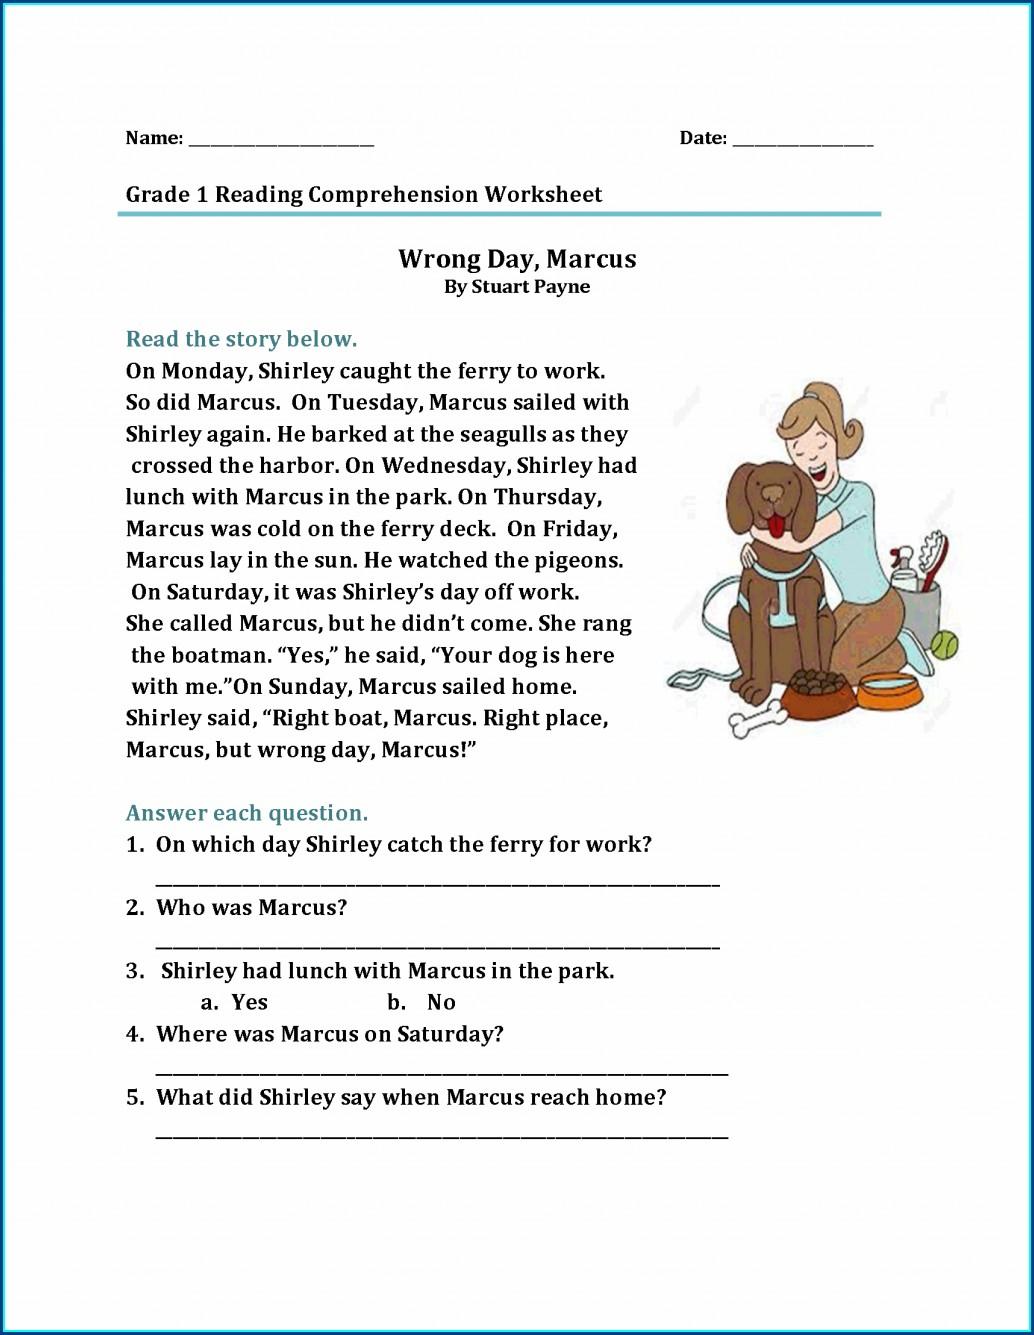 Worksheet Reading Comprehension 8th Grade Worksheet